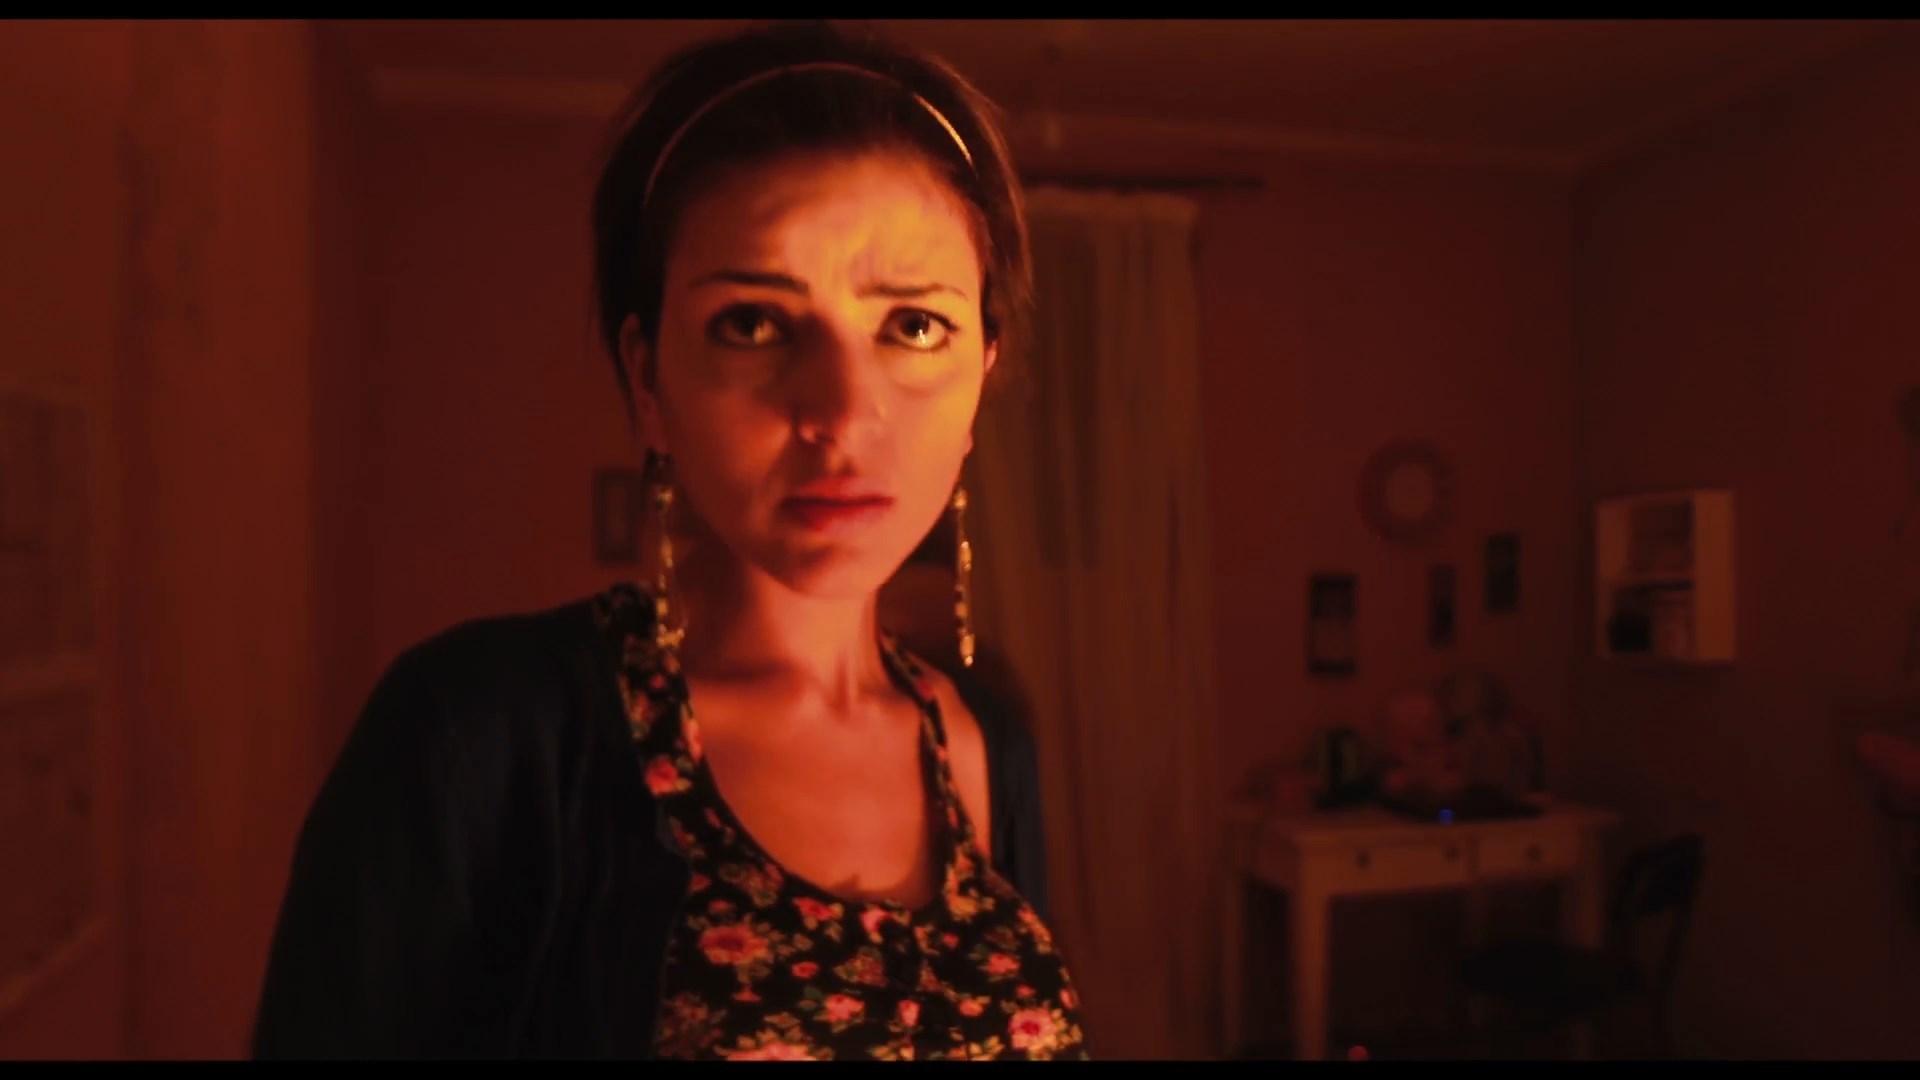 [فيلم][تورنت][تحميل][وردة][2014][1080p][Web-DL] 2 arabp2p.com